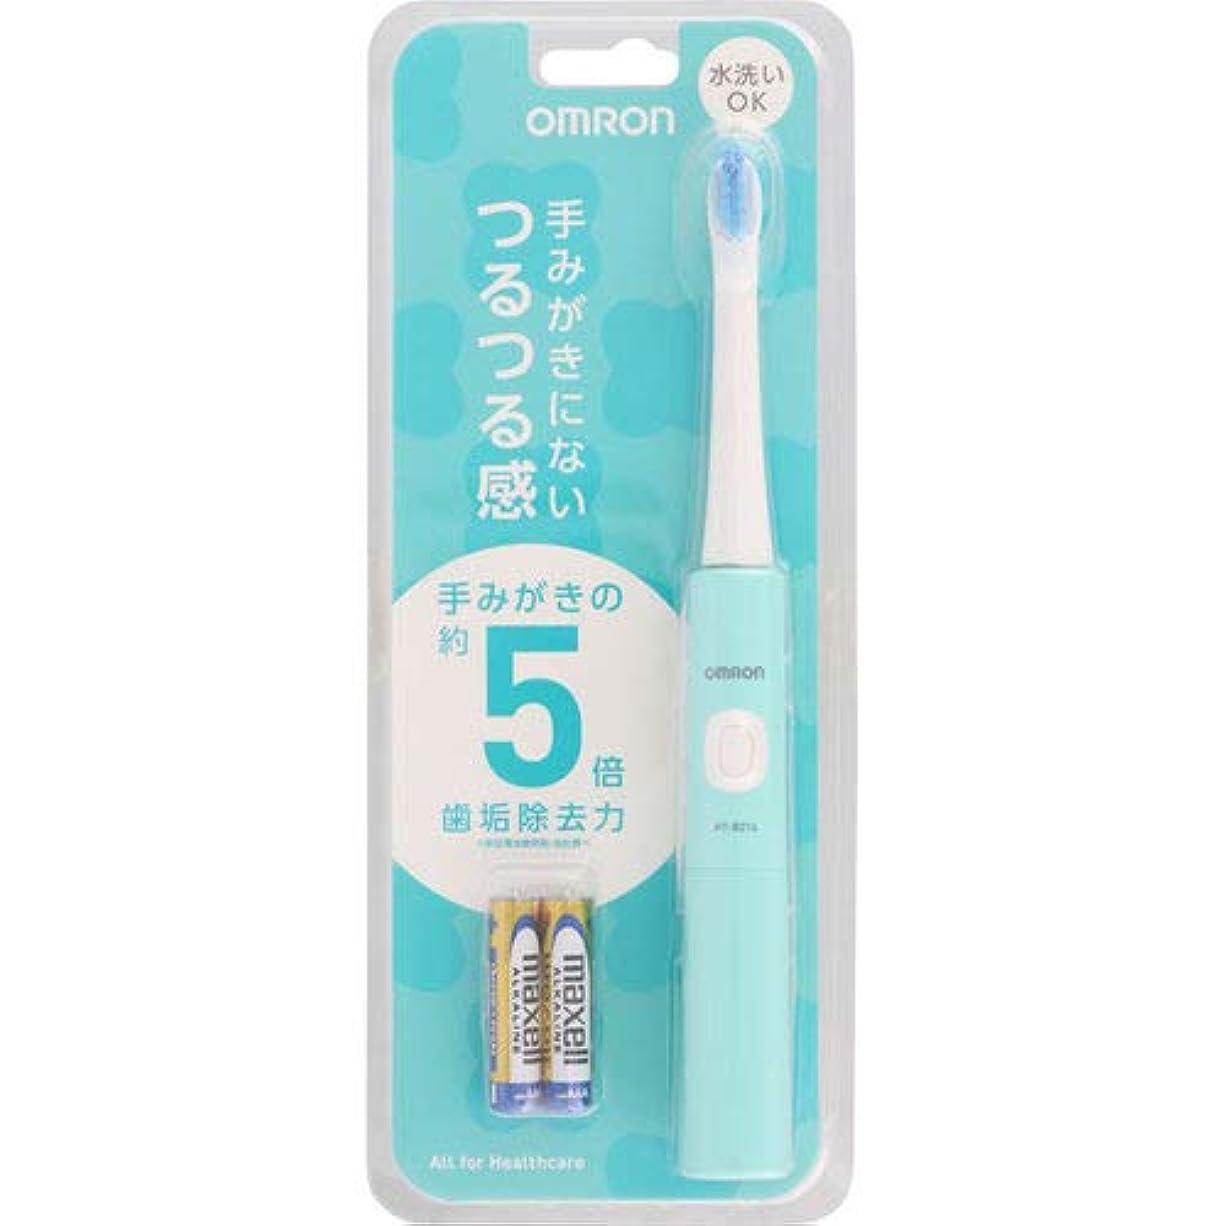 アトムグリルカウンターパートオムロン 電動歯ブラシ HT-B214-G グリーン 電池式